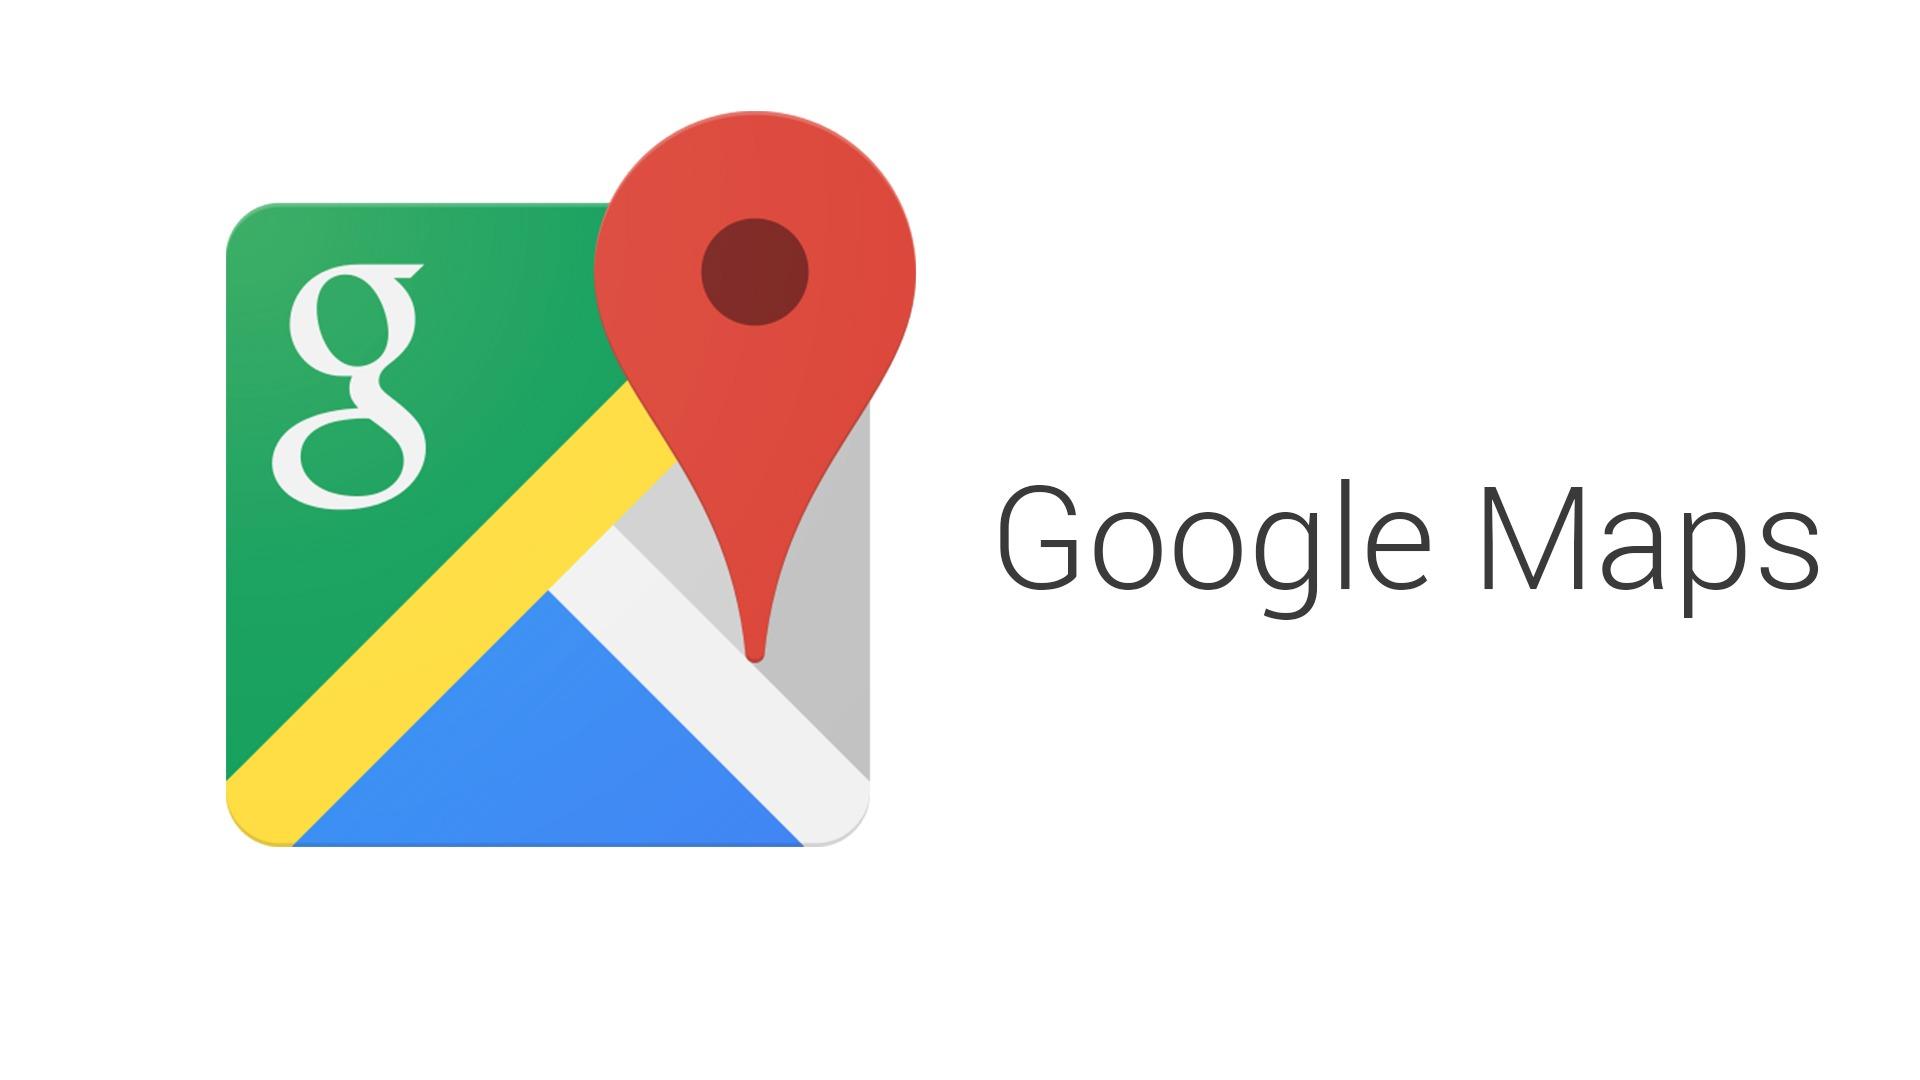 دانلود گوگل مپ Google Maps 10.45.0 برای اندروید و آیفون